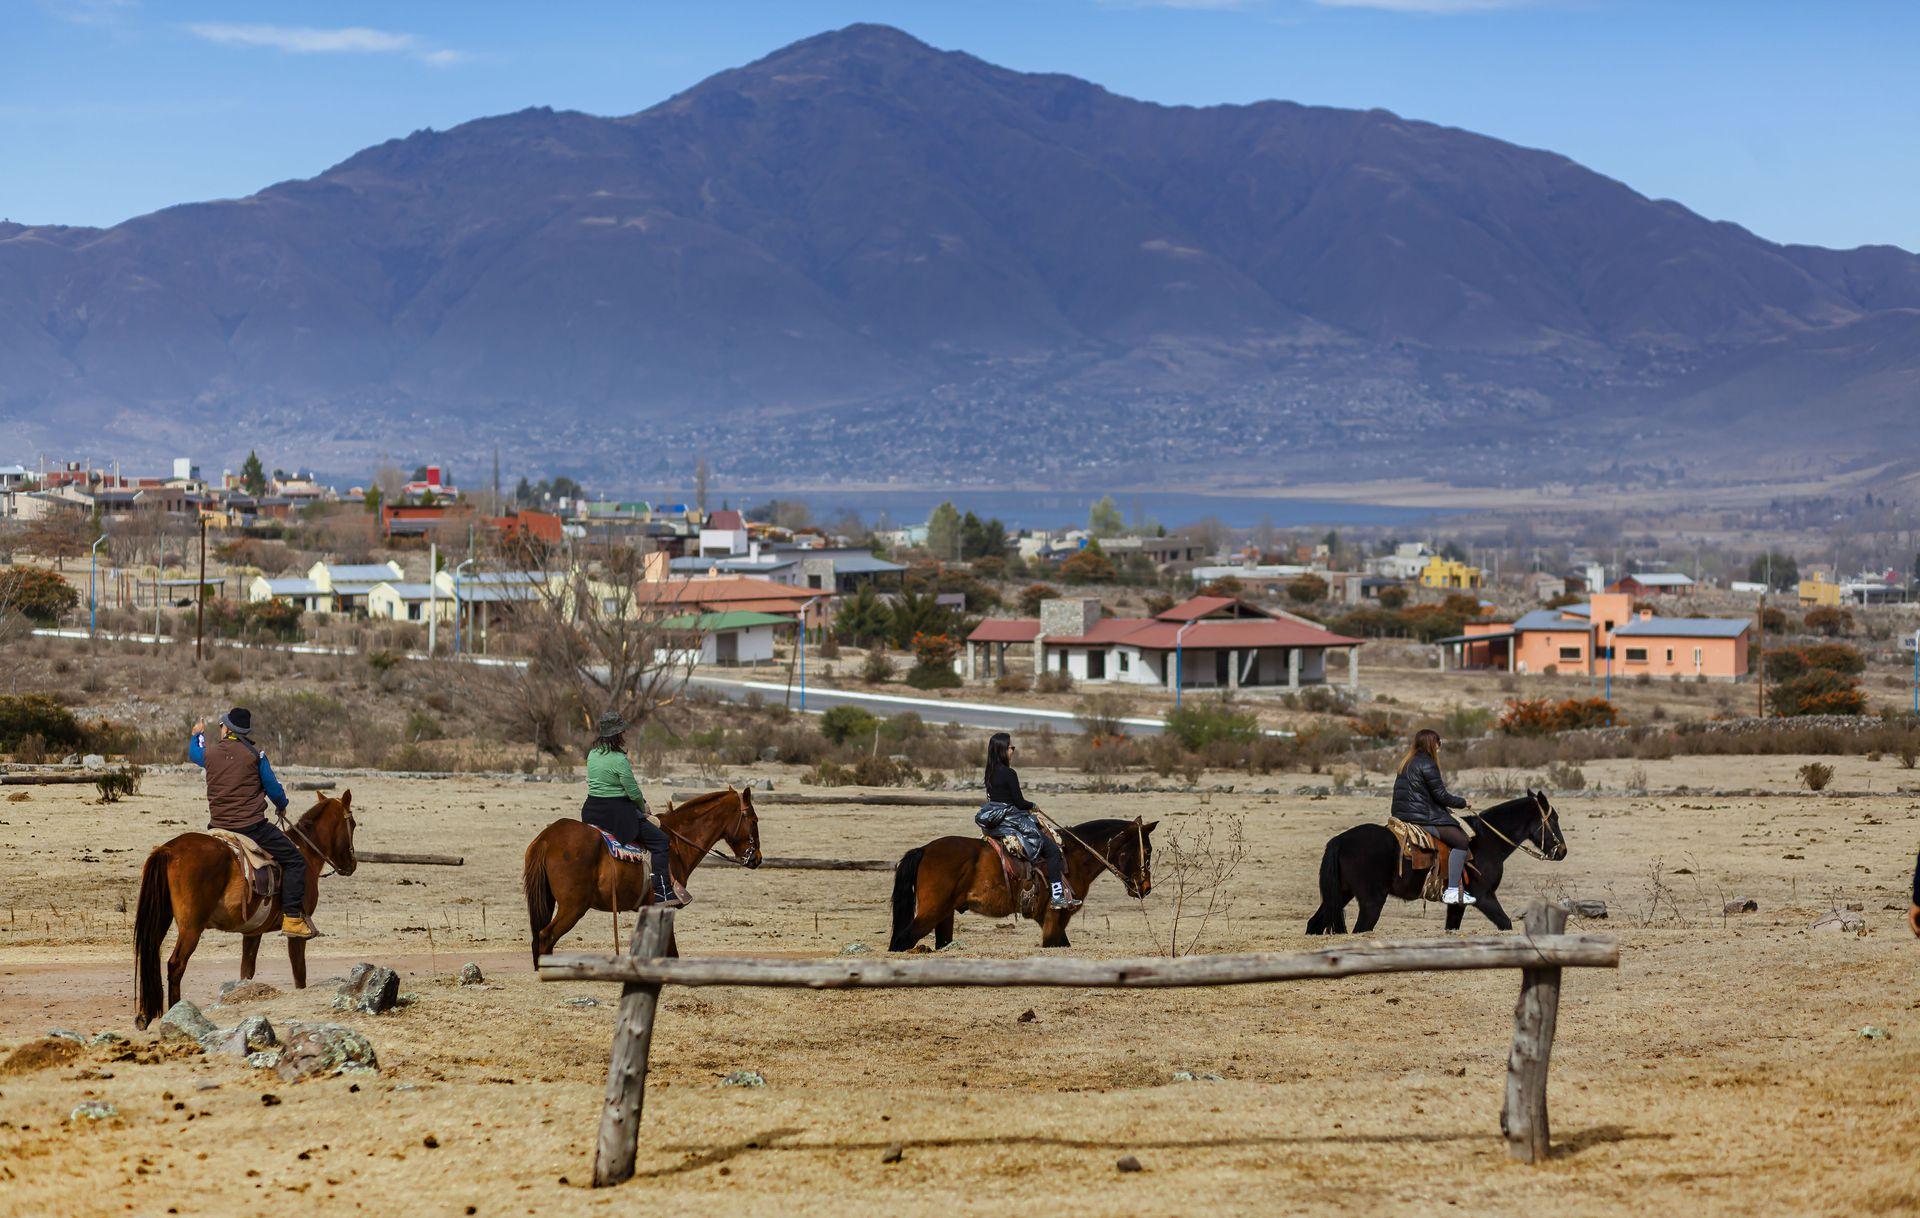 A caballo y a paso lento, una manera tradicional de recorrer los paisajes de Tafí